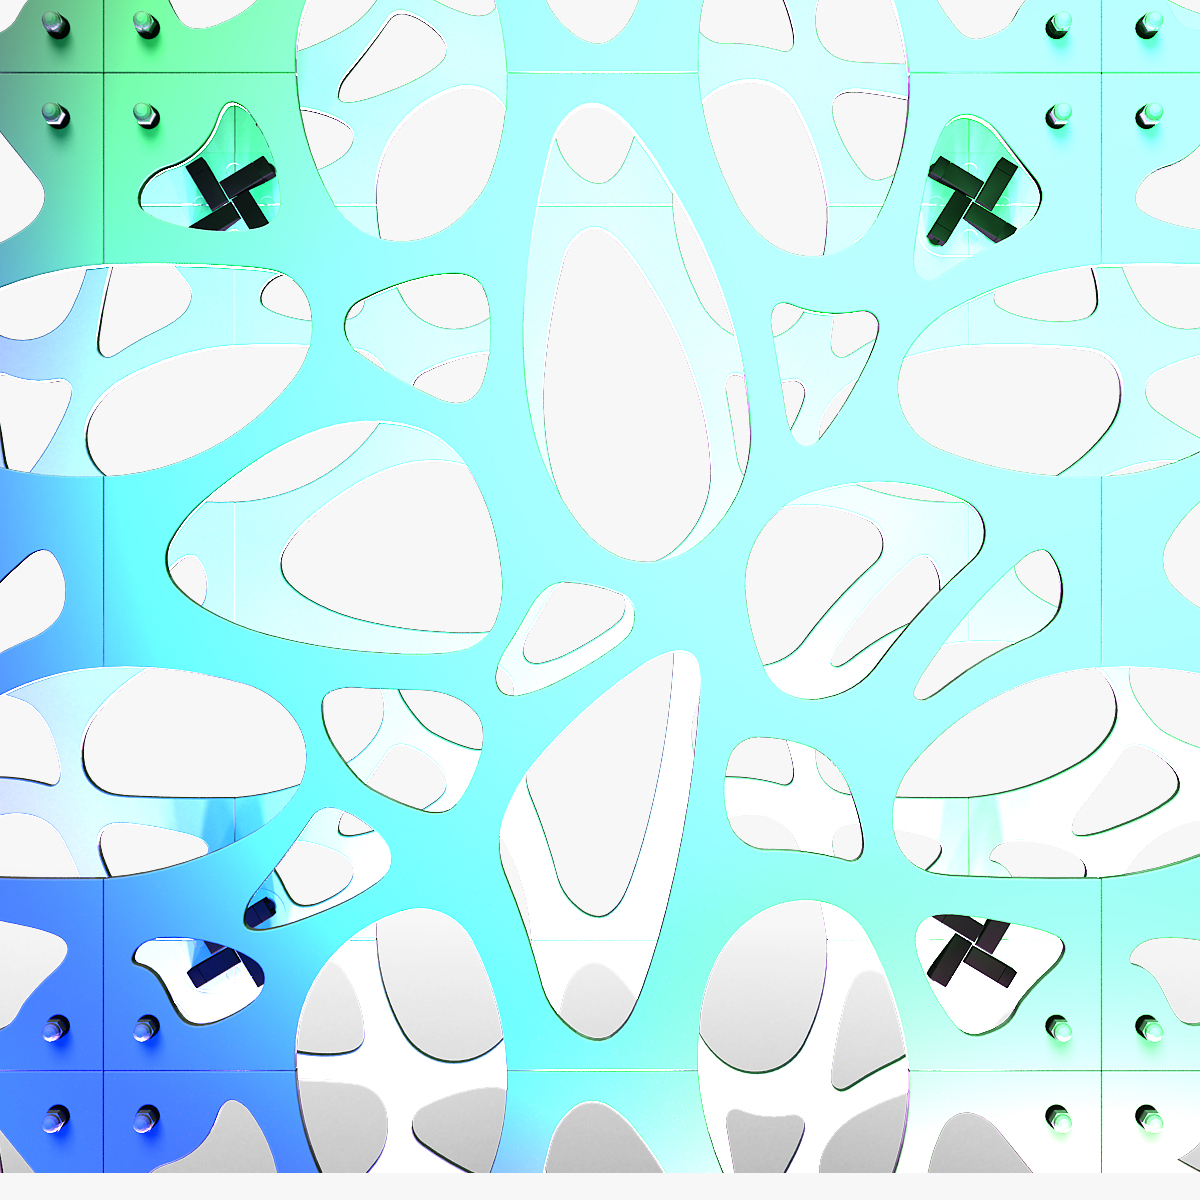 70-03-07-1200x1200.jpg Télécharger fichier STL Collection de décors de scène 01 (Modulaire 9 pièces) • Design pour imprimante 3D, akerStudio